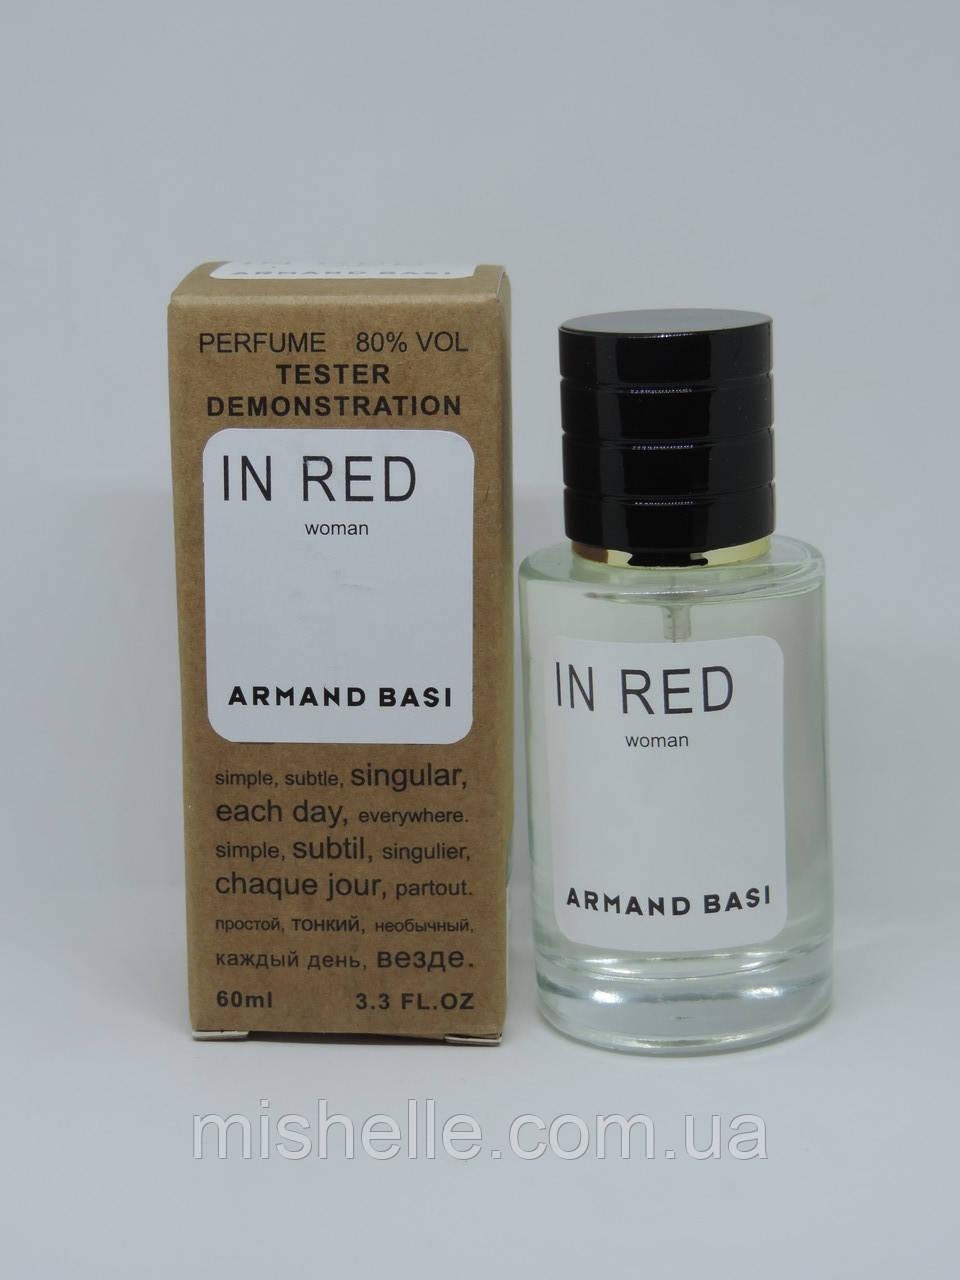 Тестер Armand Basi In Red (Арманд Баси Ин Ред 60мл)